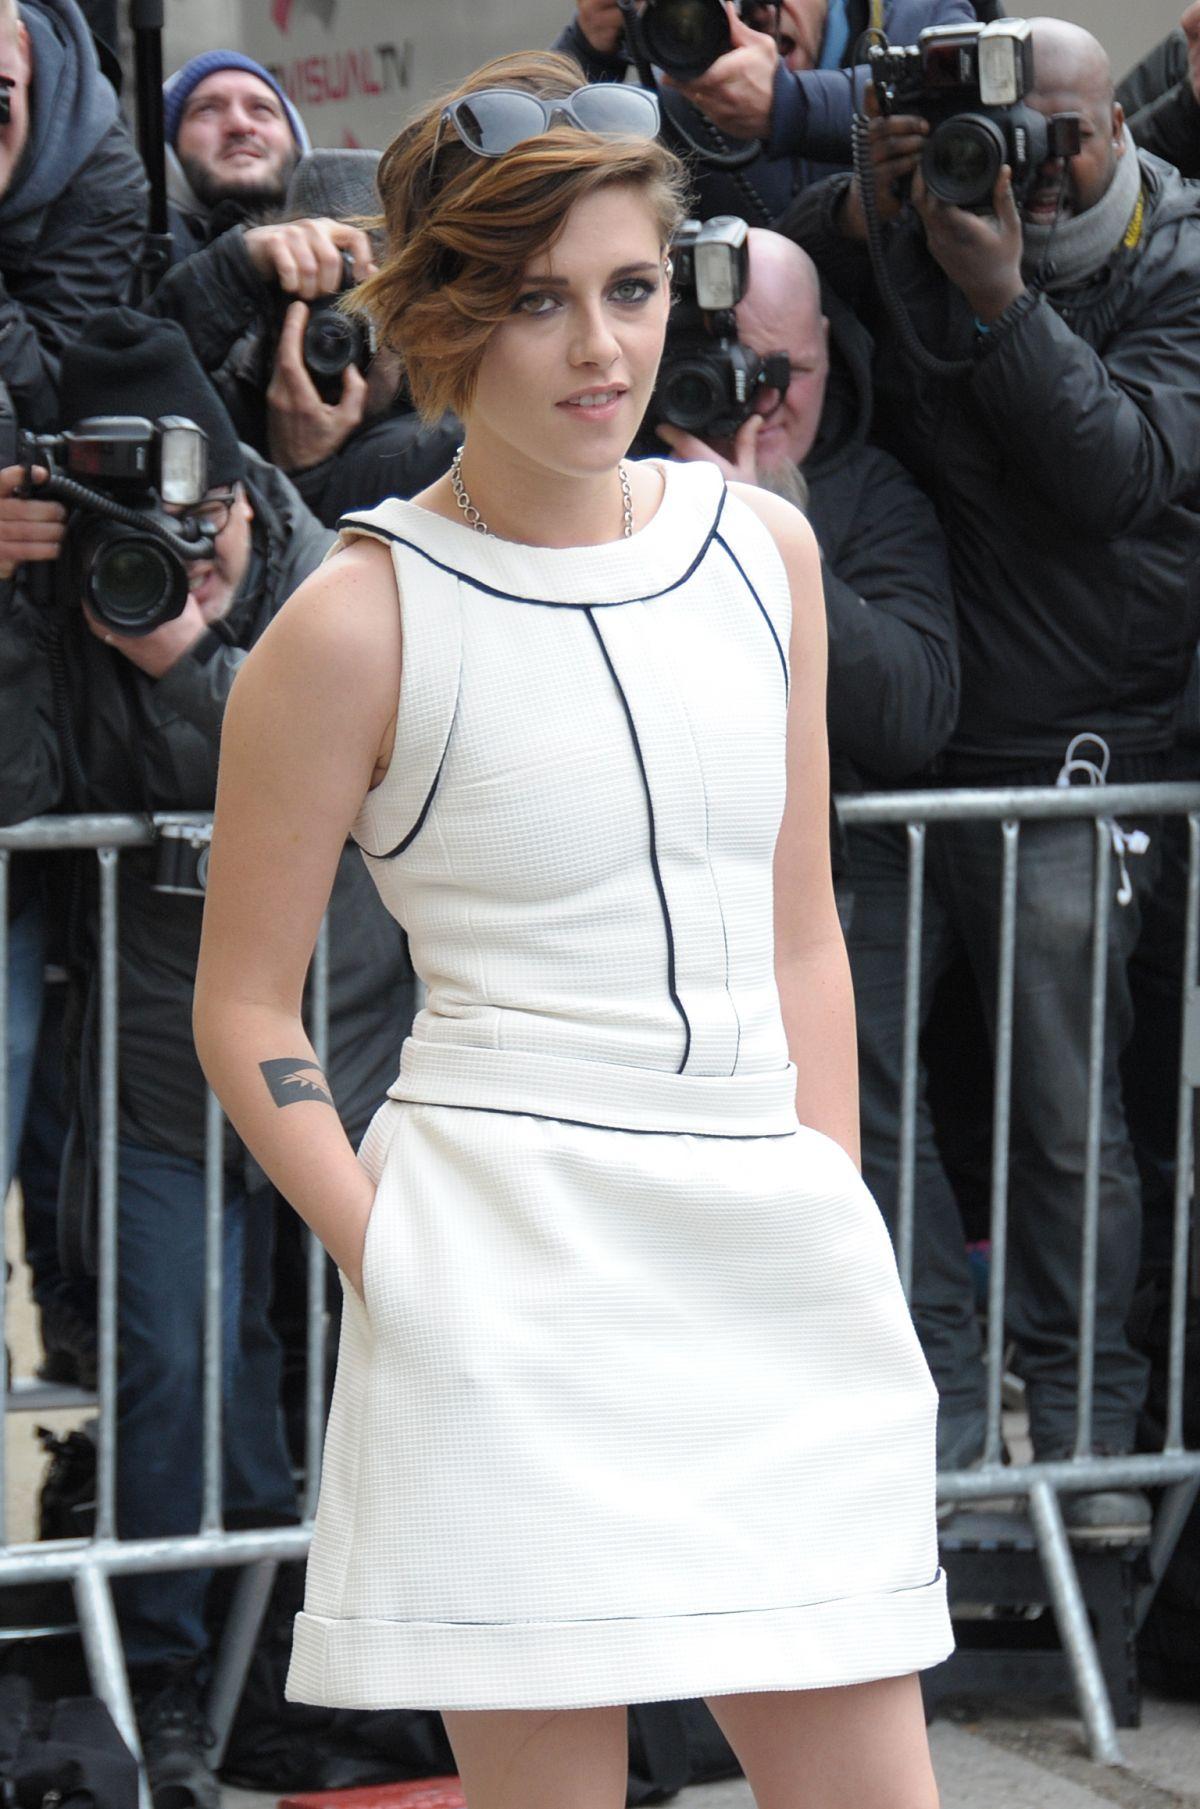 KRISTEN STEWART at Chanel Fashion Show in Paris